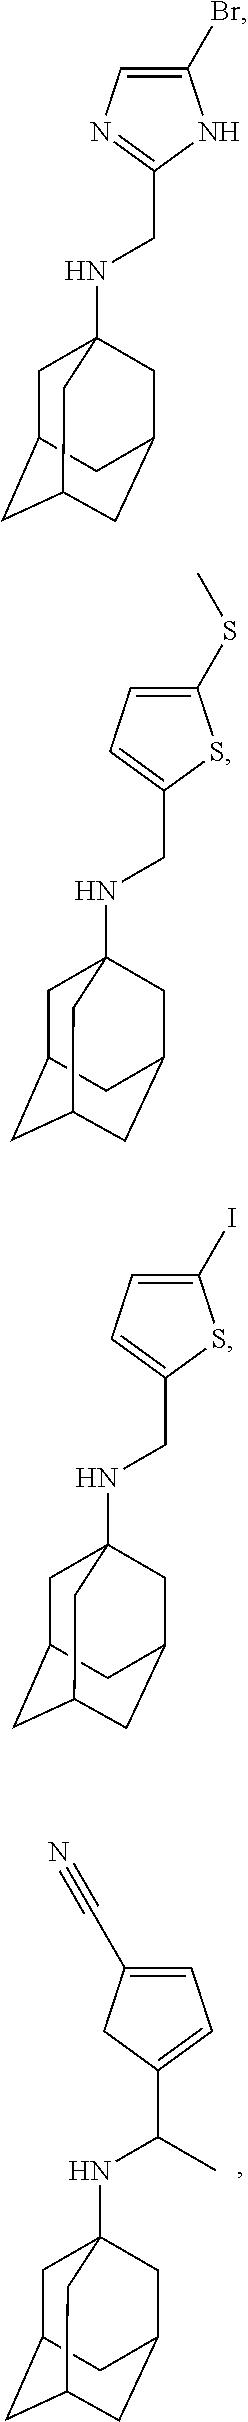 Figure US09884832-20180206-C00046